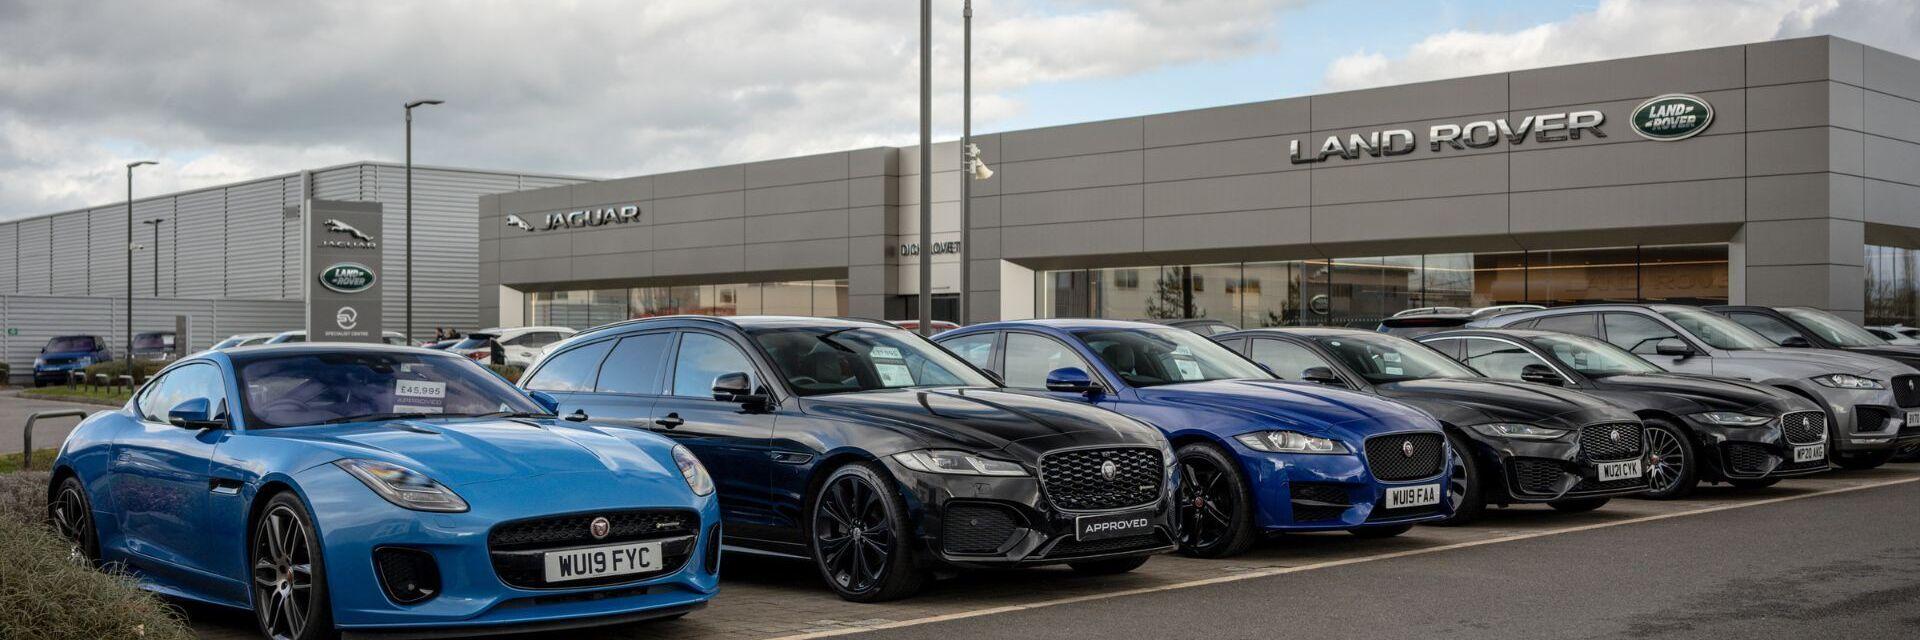 Jaguar Melksham